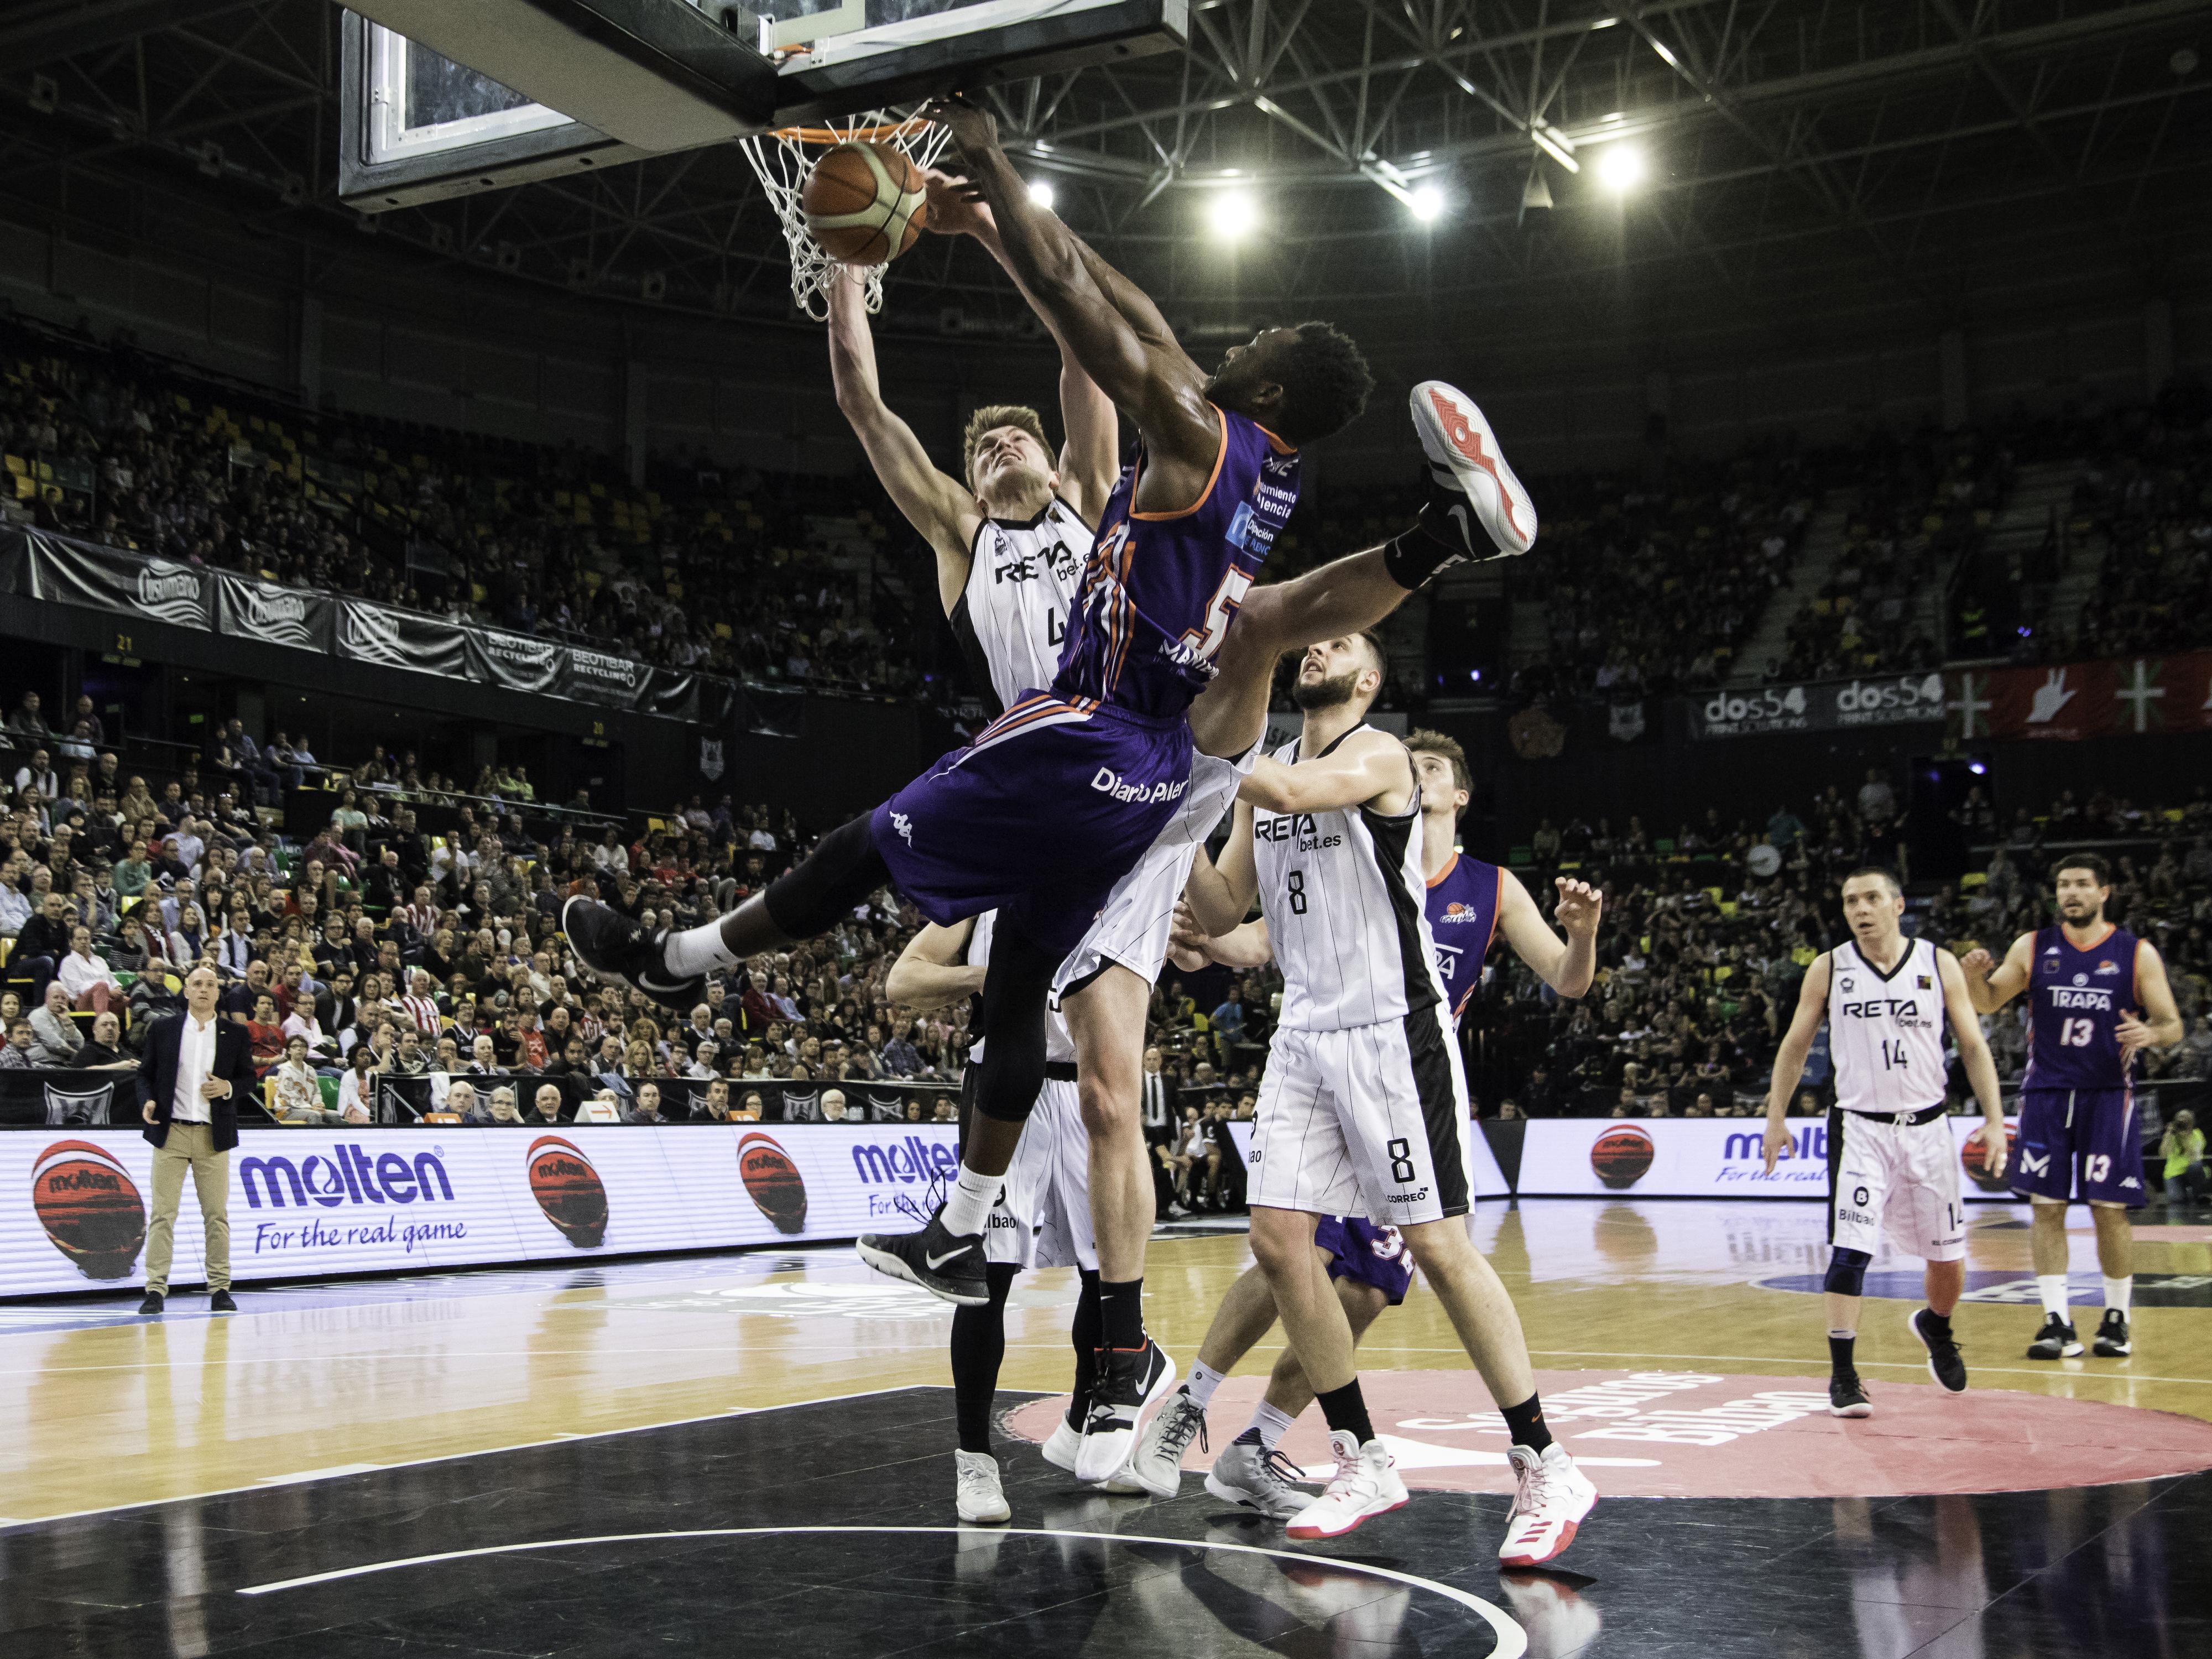 Lammers tapona el intento de mate de Kone  | Foto: Luis Fernando Boo.